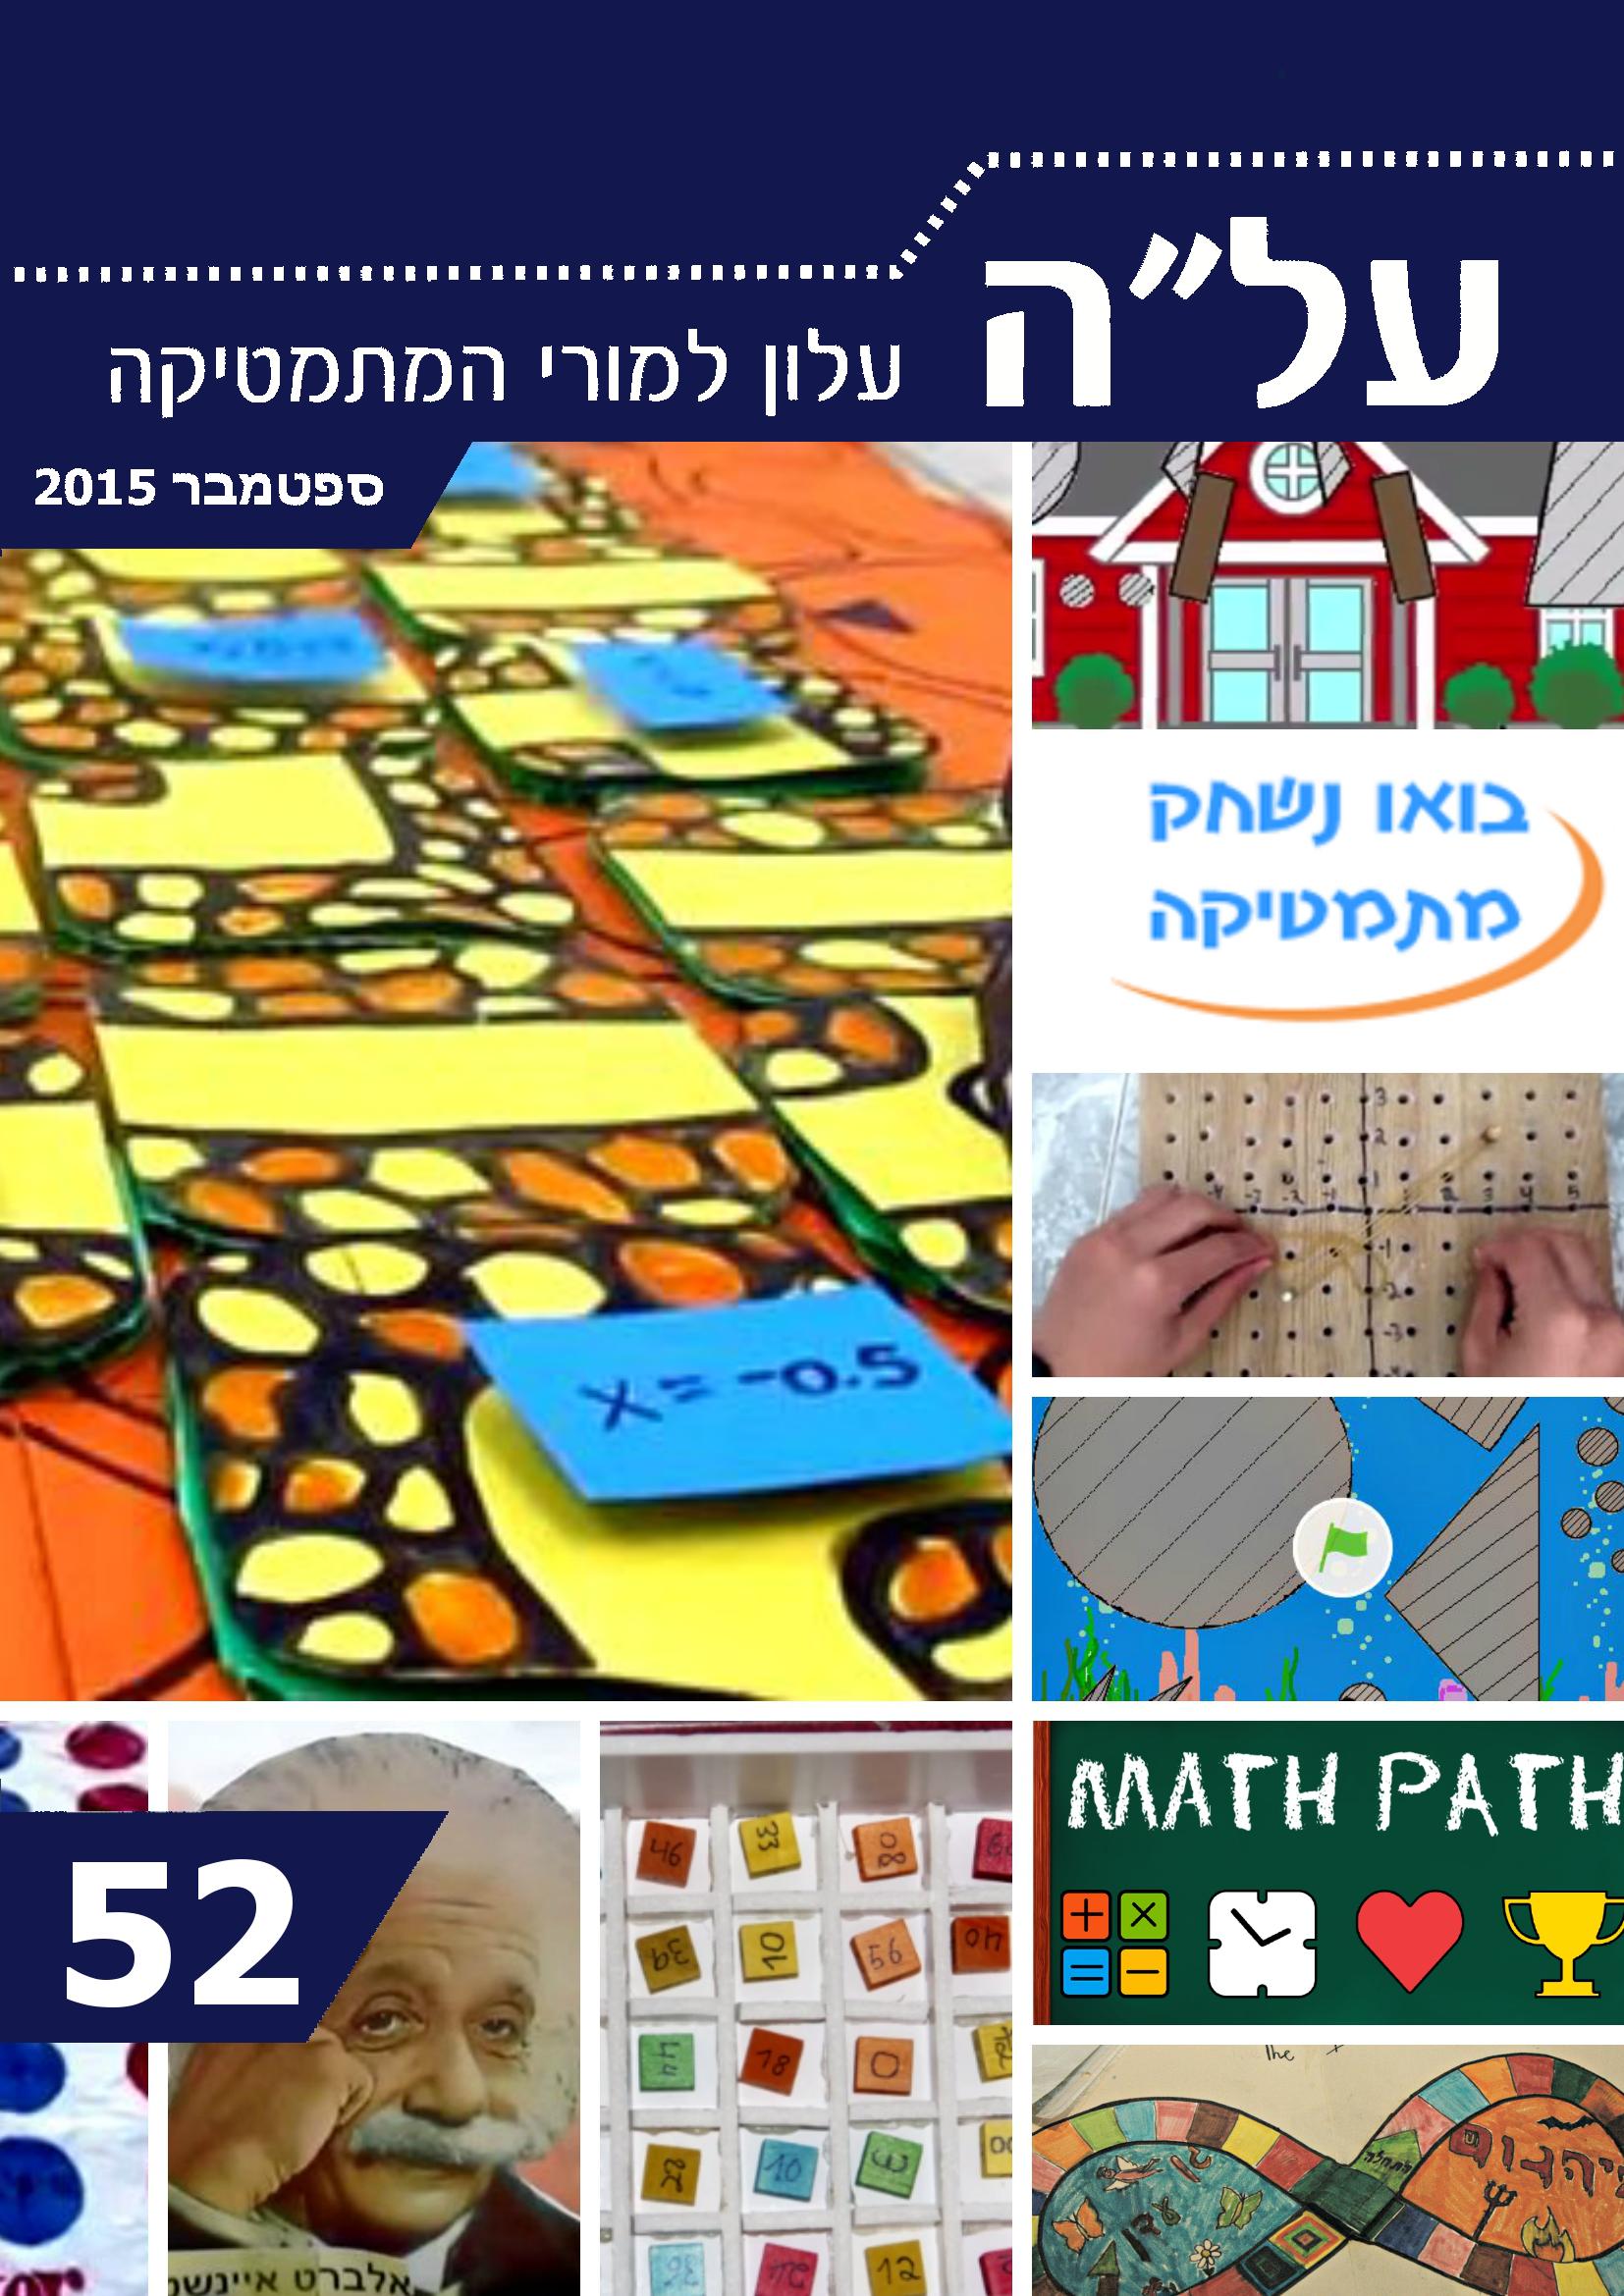 http://highmath.haifa.ac.il/data/alle52/%D7%9B%D7%A8%D7%99%D7%9B%D7%94%20%D7%A2%D7%9C%D7%94%2052%20(1).png